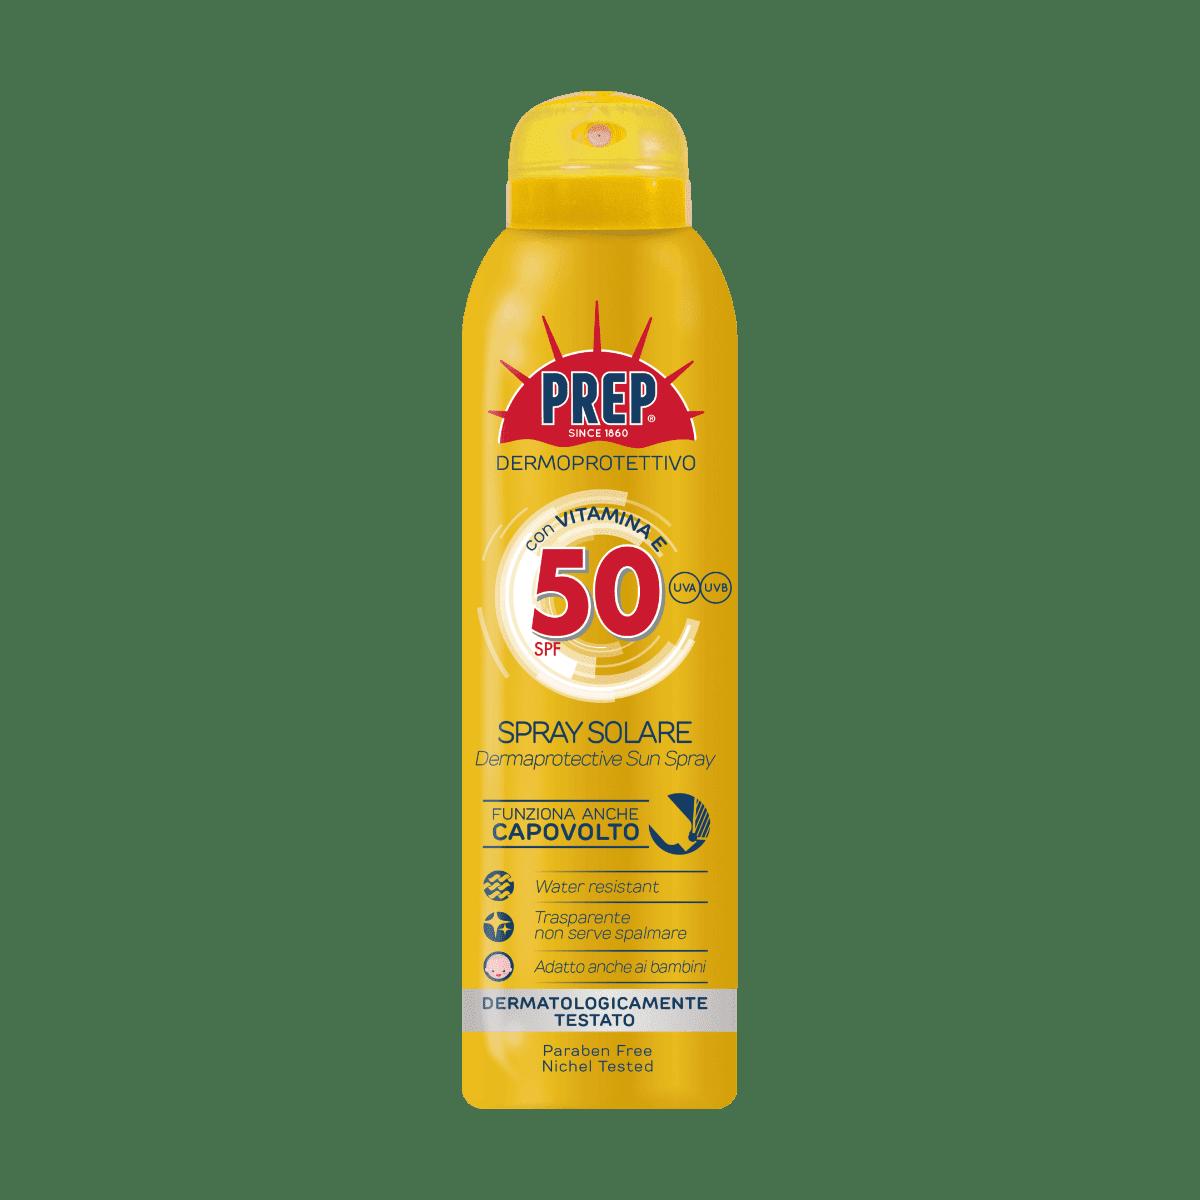 PREP Derma Protective Sun Spray SPF 50 - ochranný sprej na opaľovanie, 150 ml